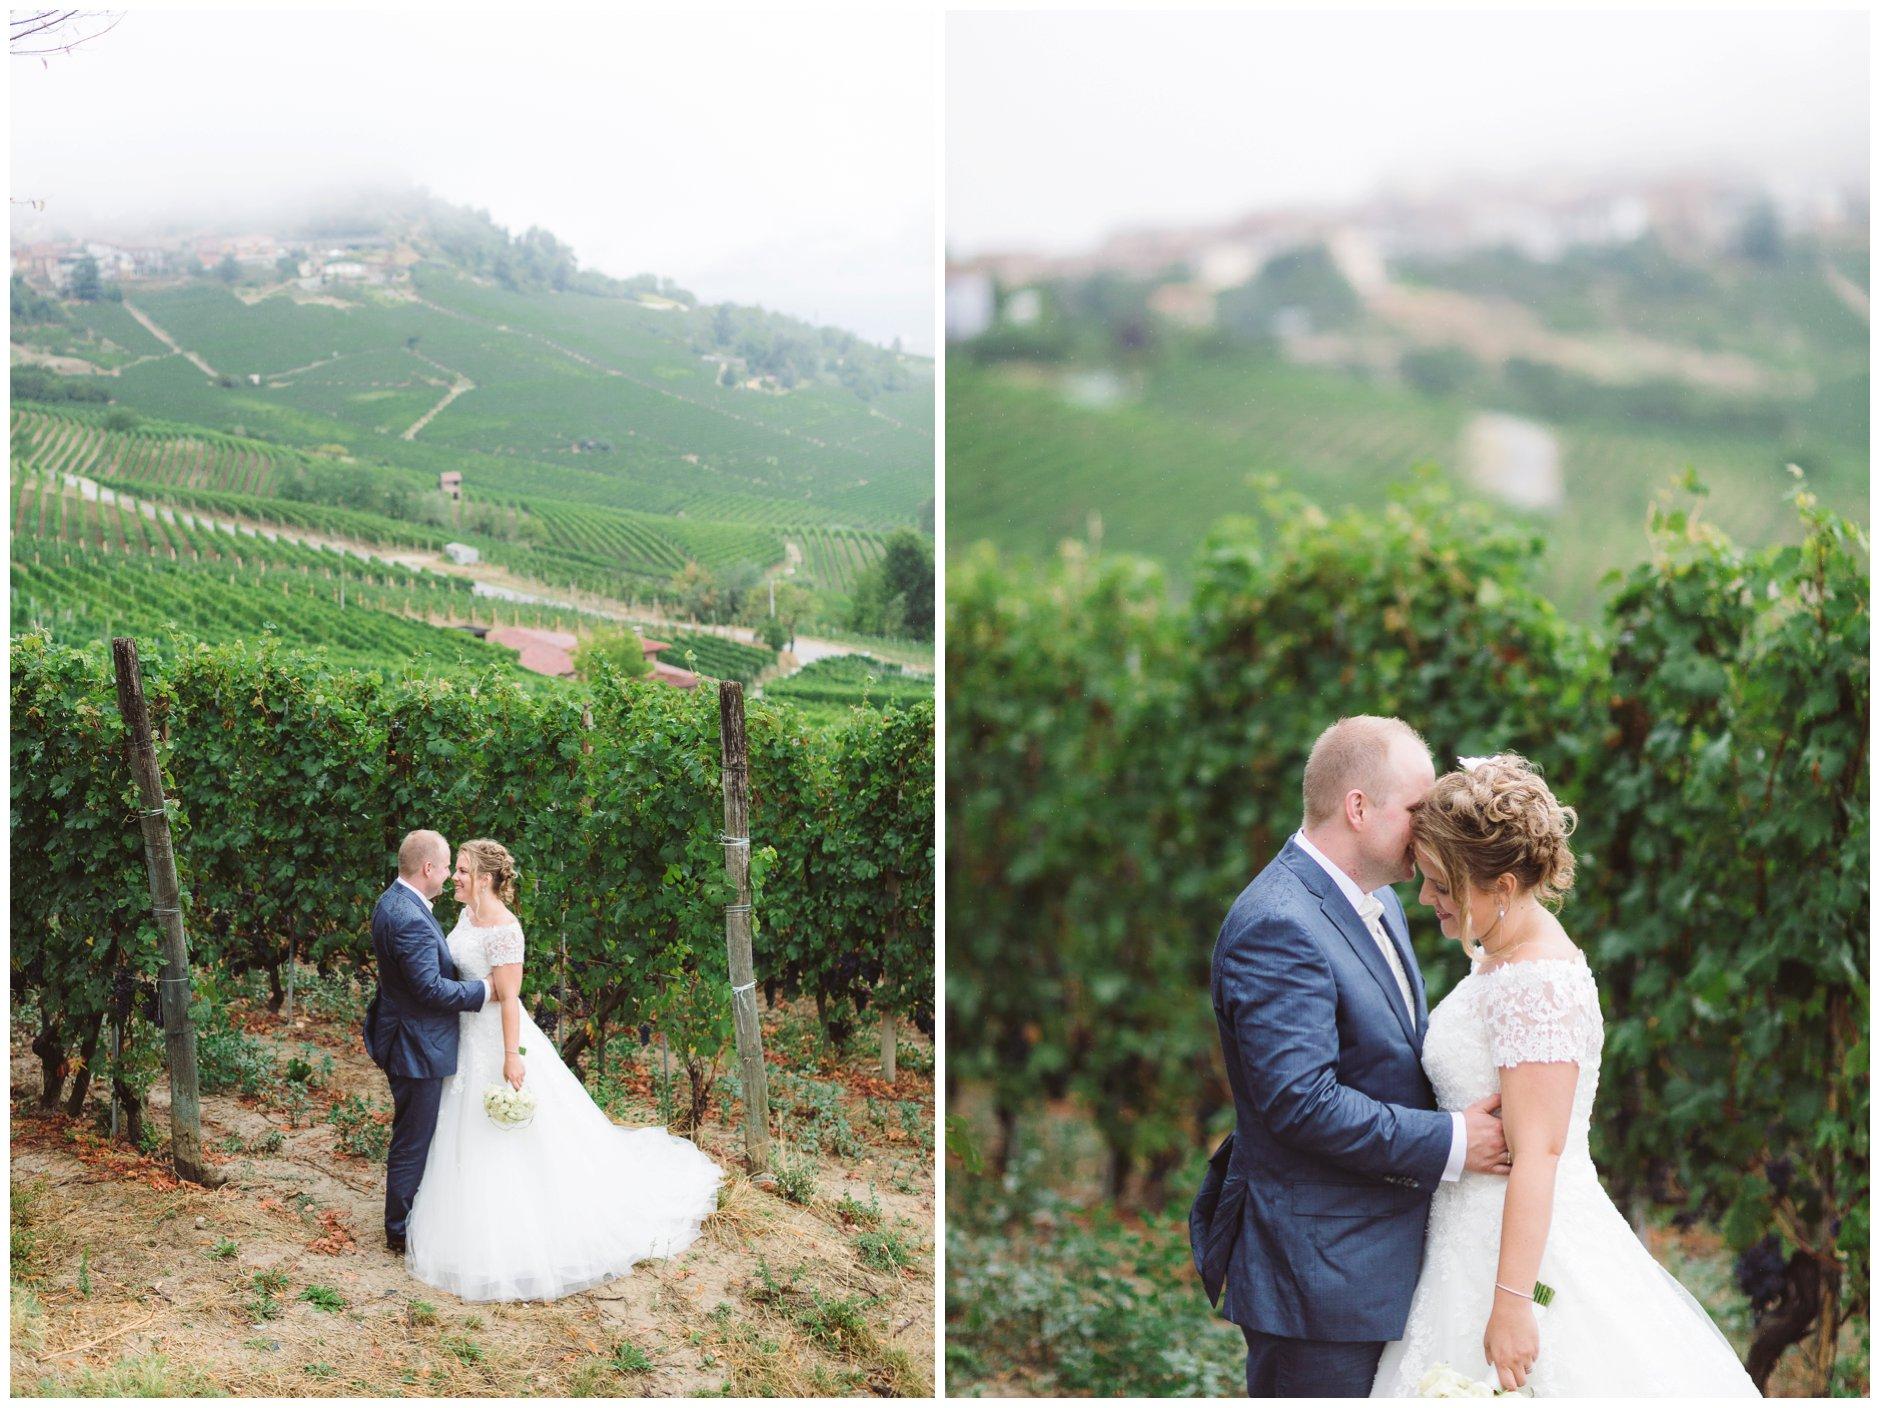 Fotograf-Eline-Jacobine-Bryllup-Ane-og-Børge_0095